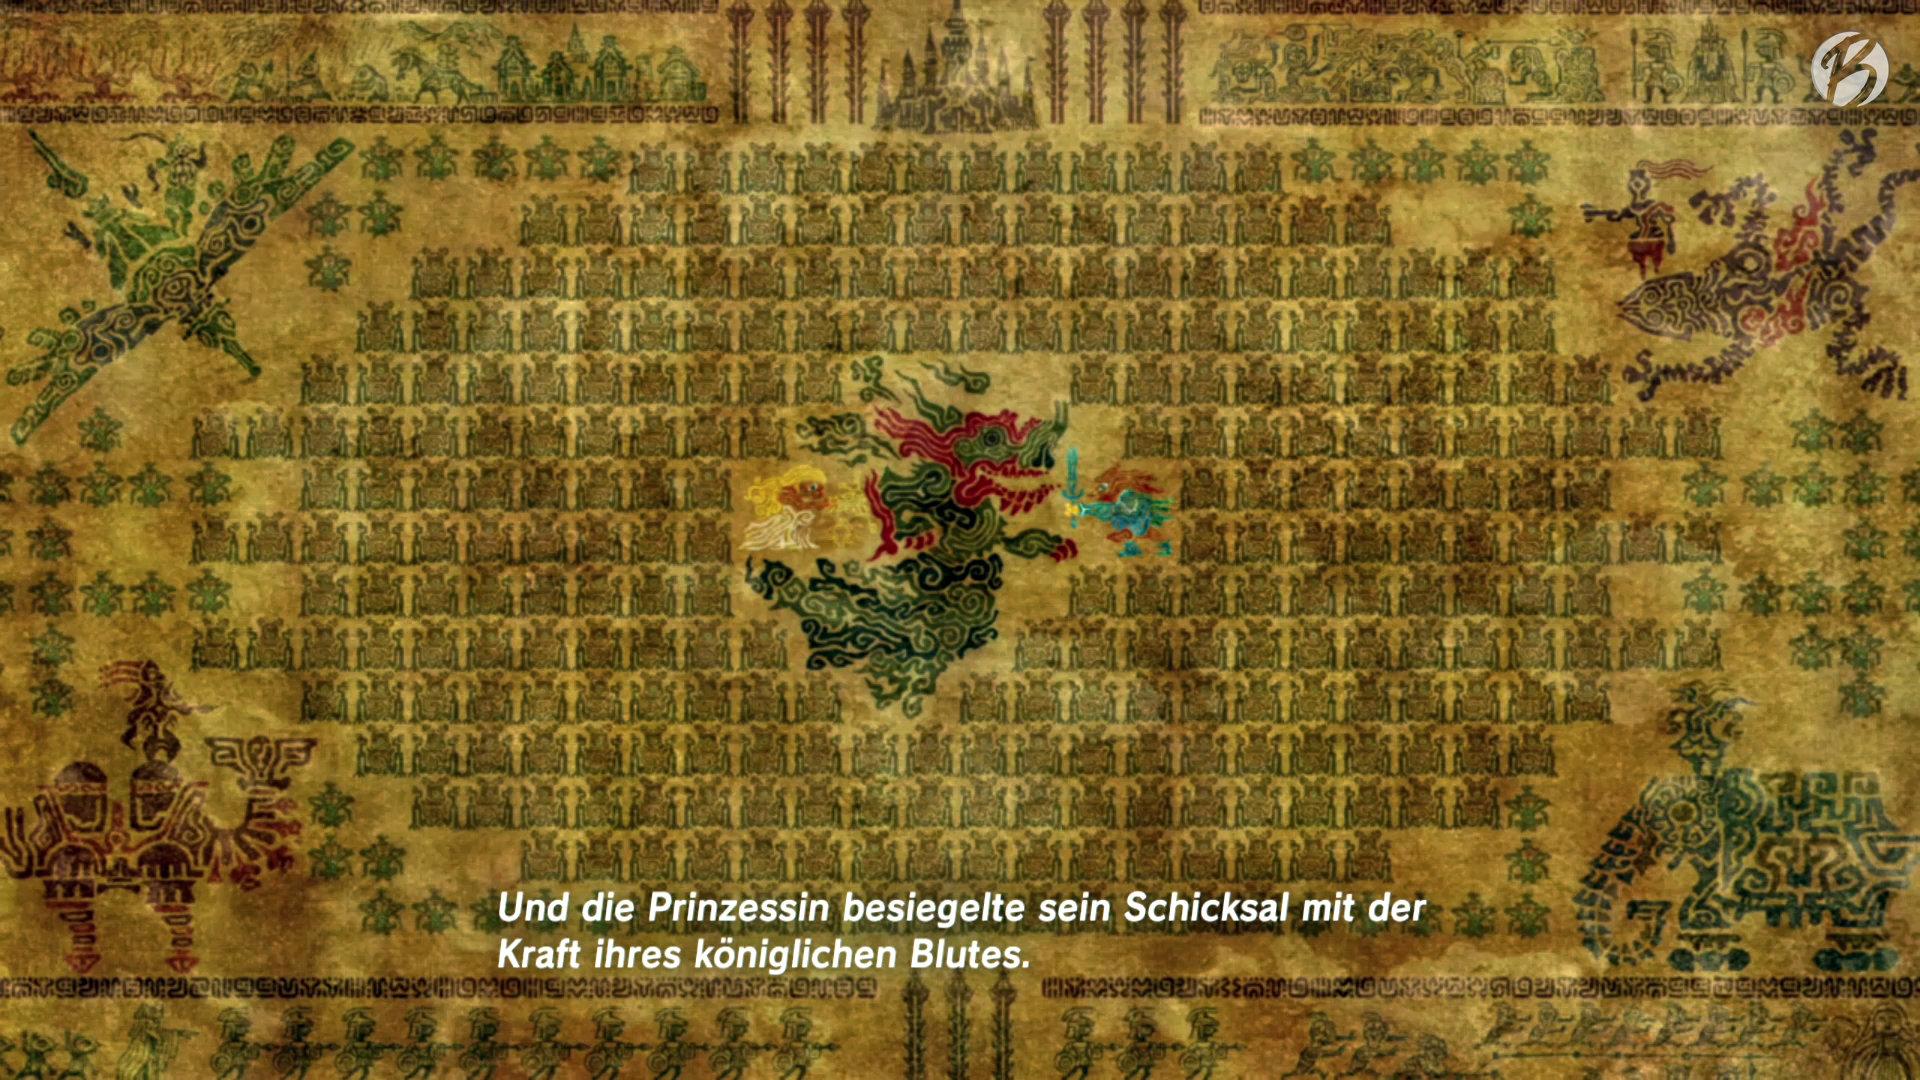 The Legend of Zelda: BotW - Laut der Legende benötigt man für die Verbannung Ganons die gemeinsame Kraft von Zelda, Link und vier weiteren Recken in ihren gigantischen Titanen.